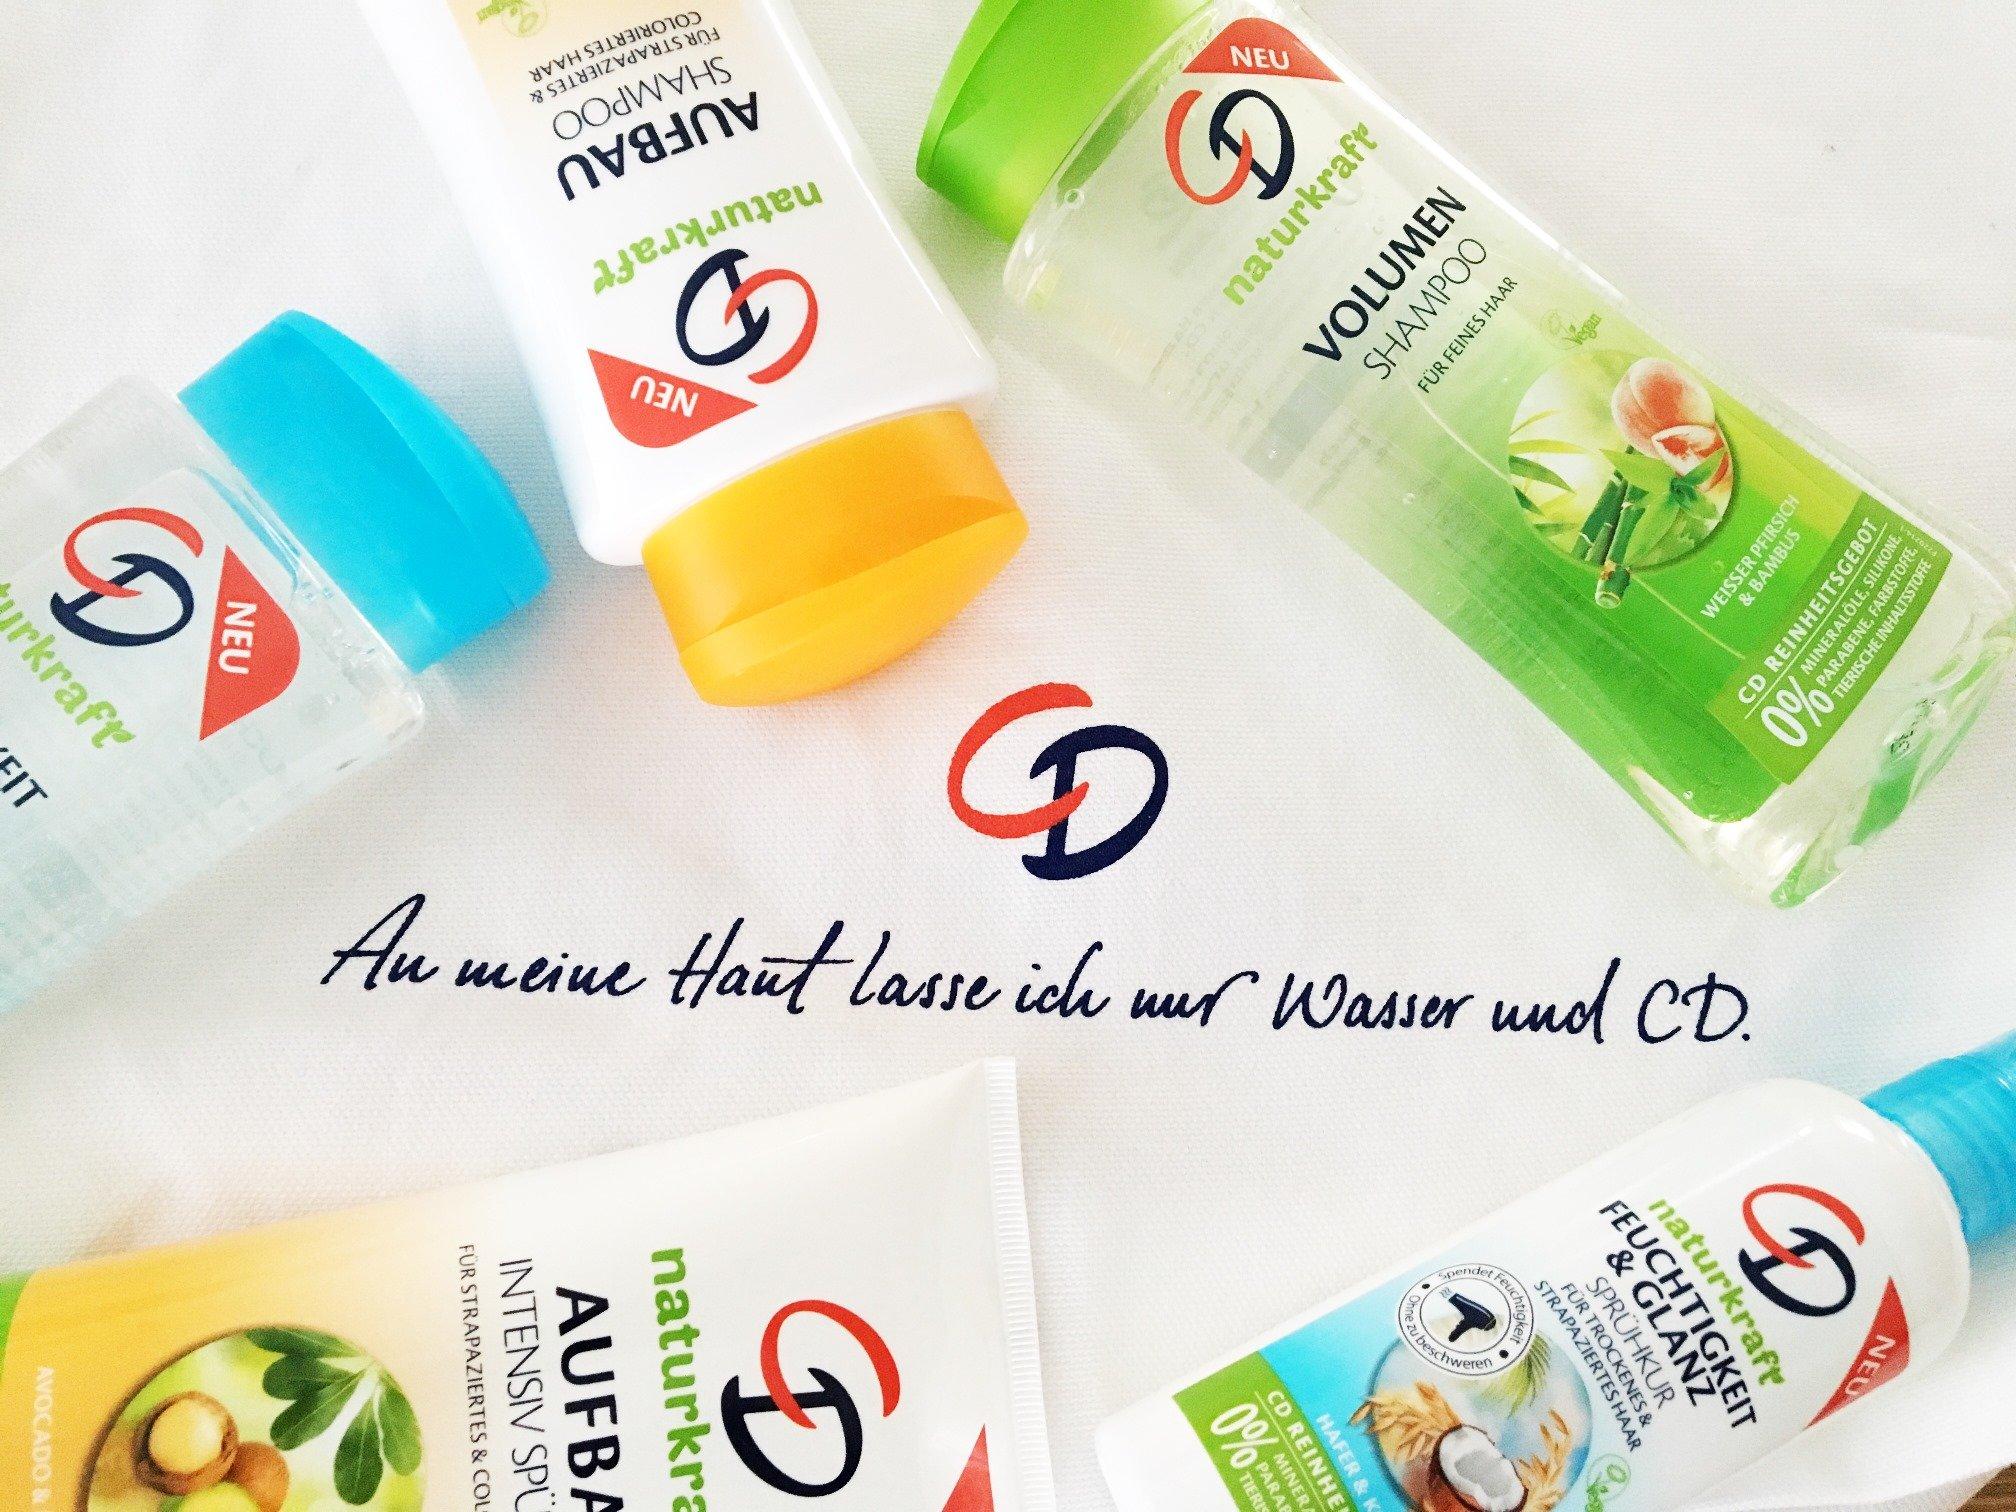 Foto 05.10.17 17 07 40 - Naturkosmetik für die Haare - jetzt auch von CD Körperpflege